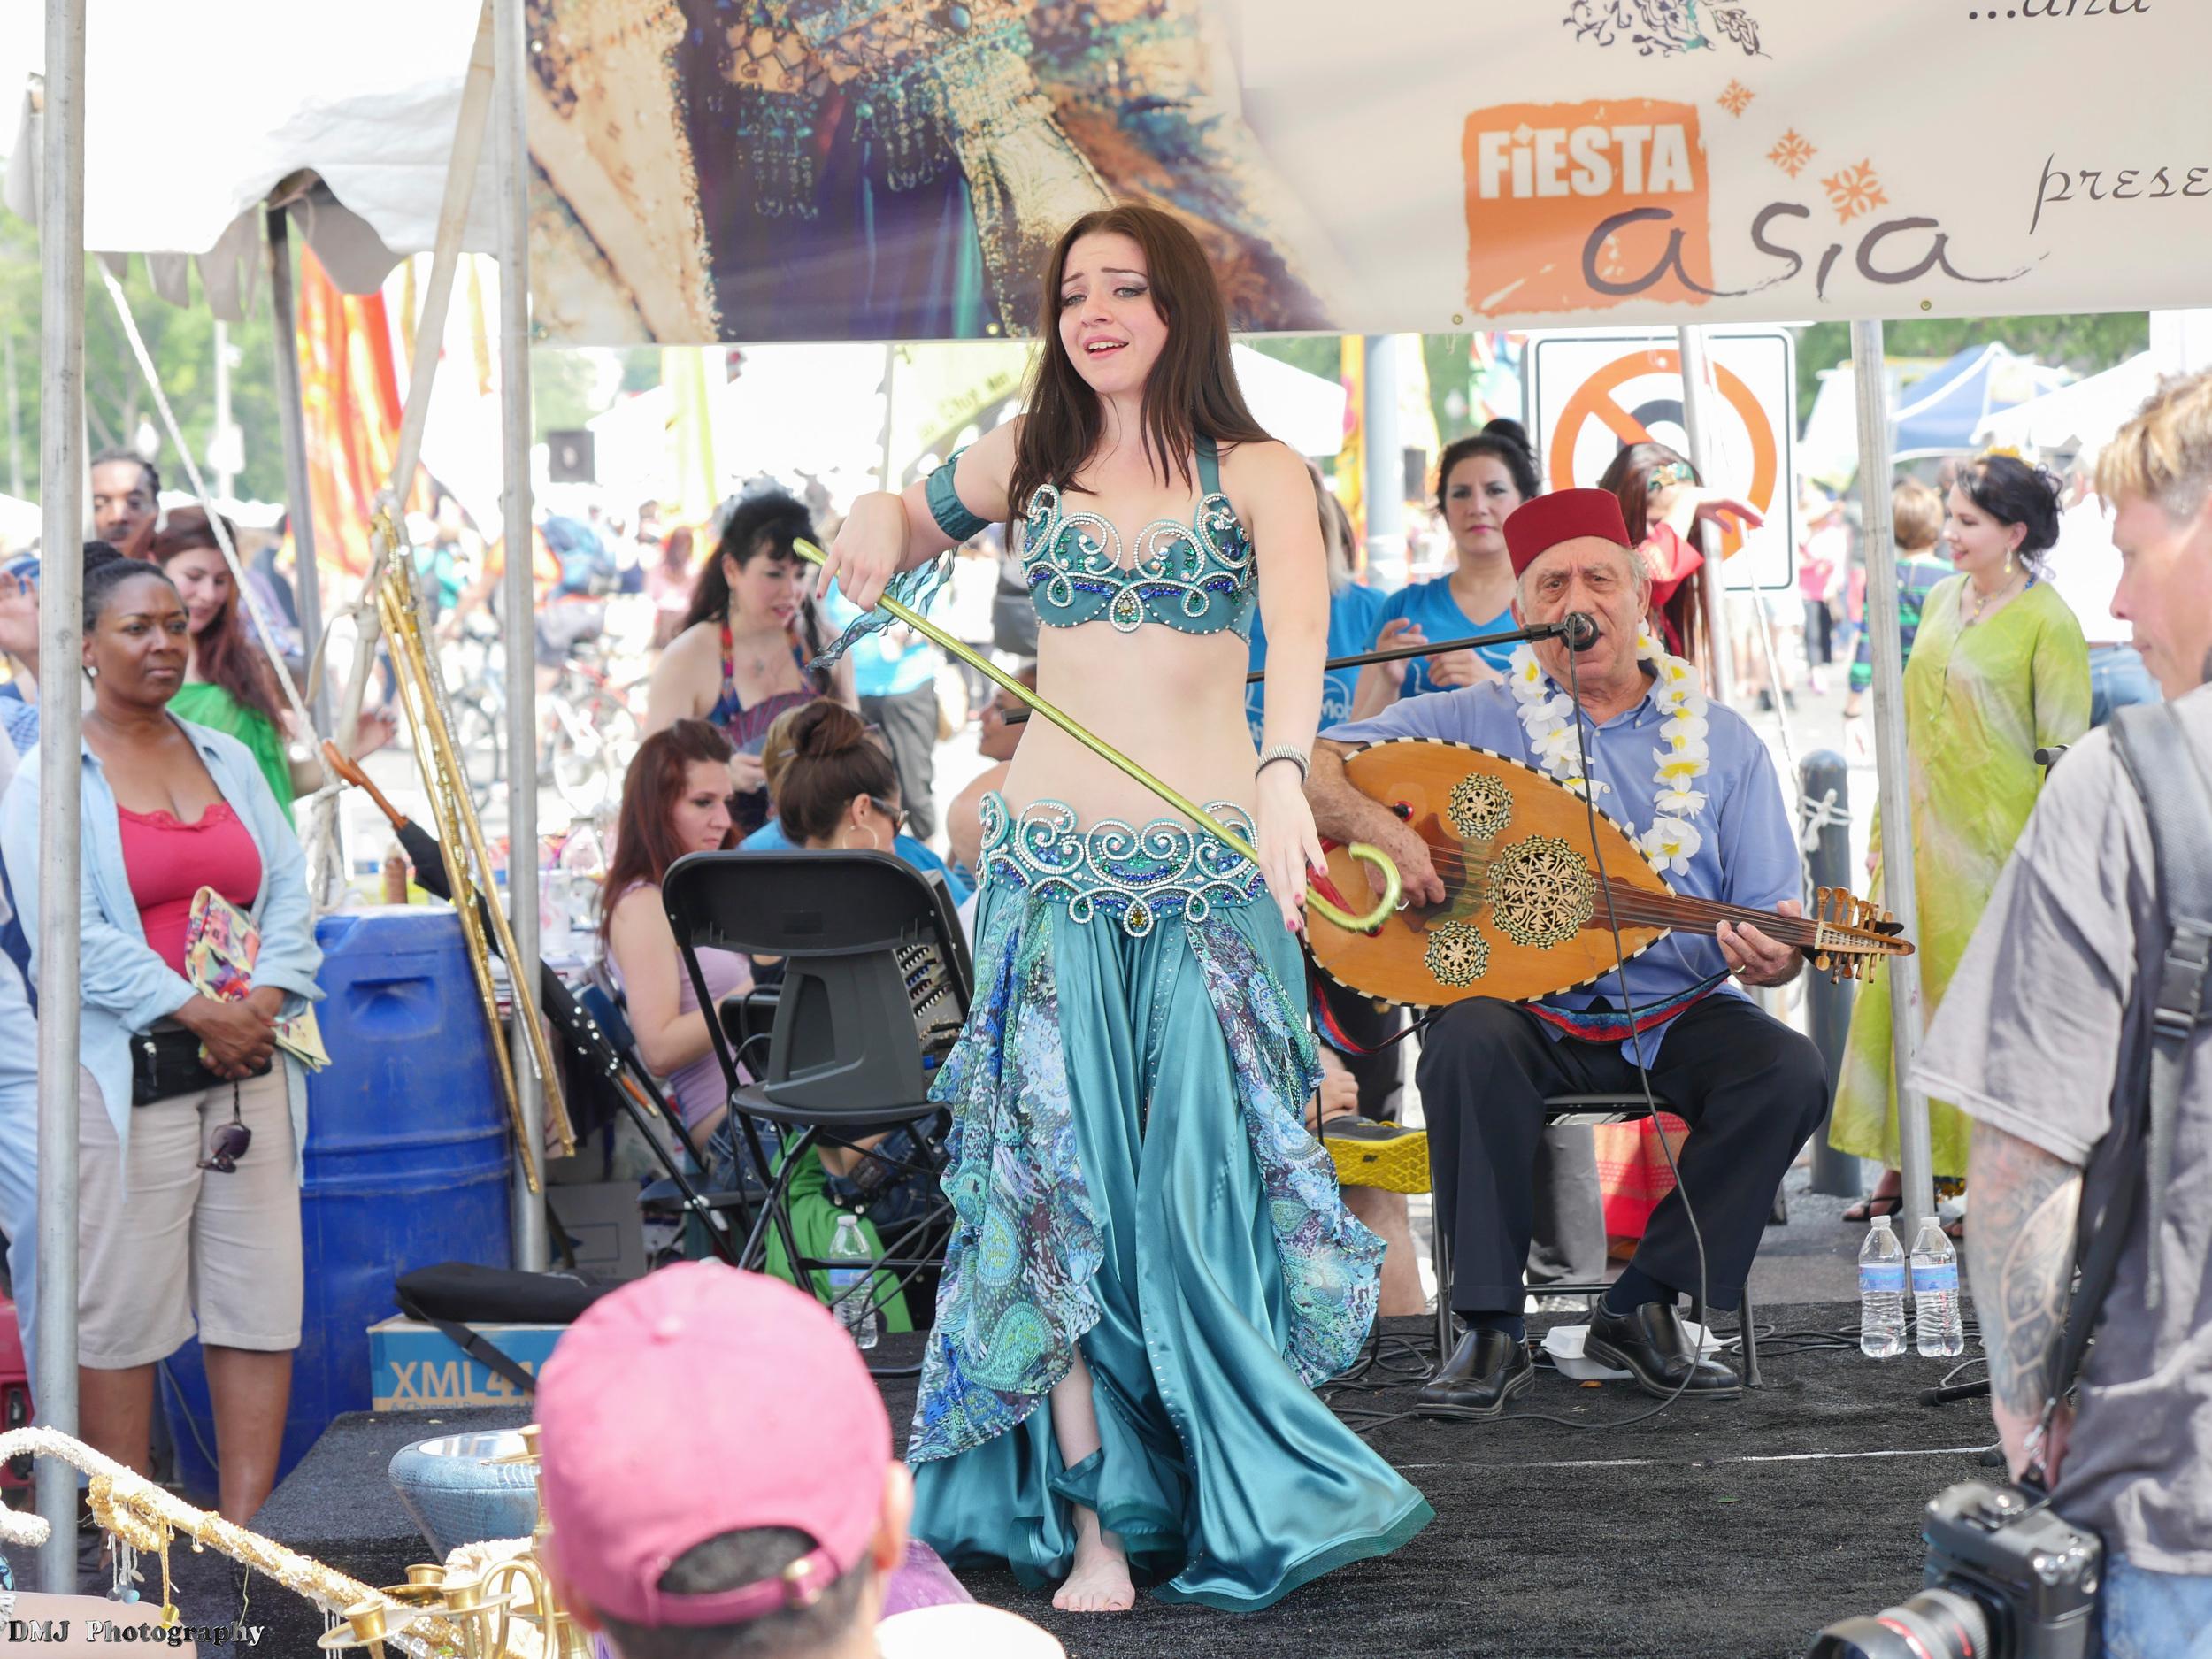 fiesta_asia_street_festival_2015_middle_eastern_stage_05.jpg